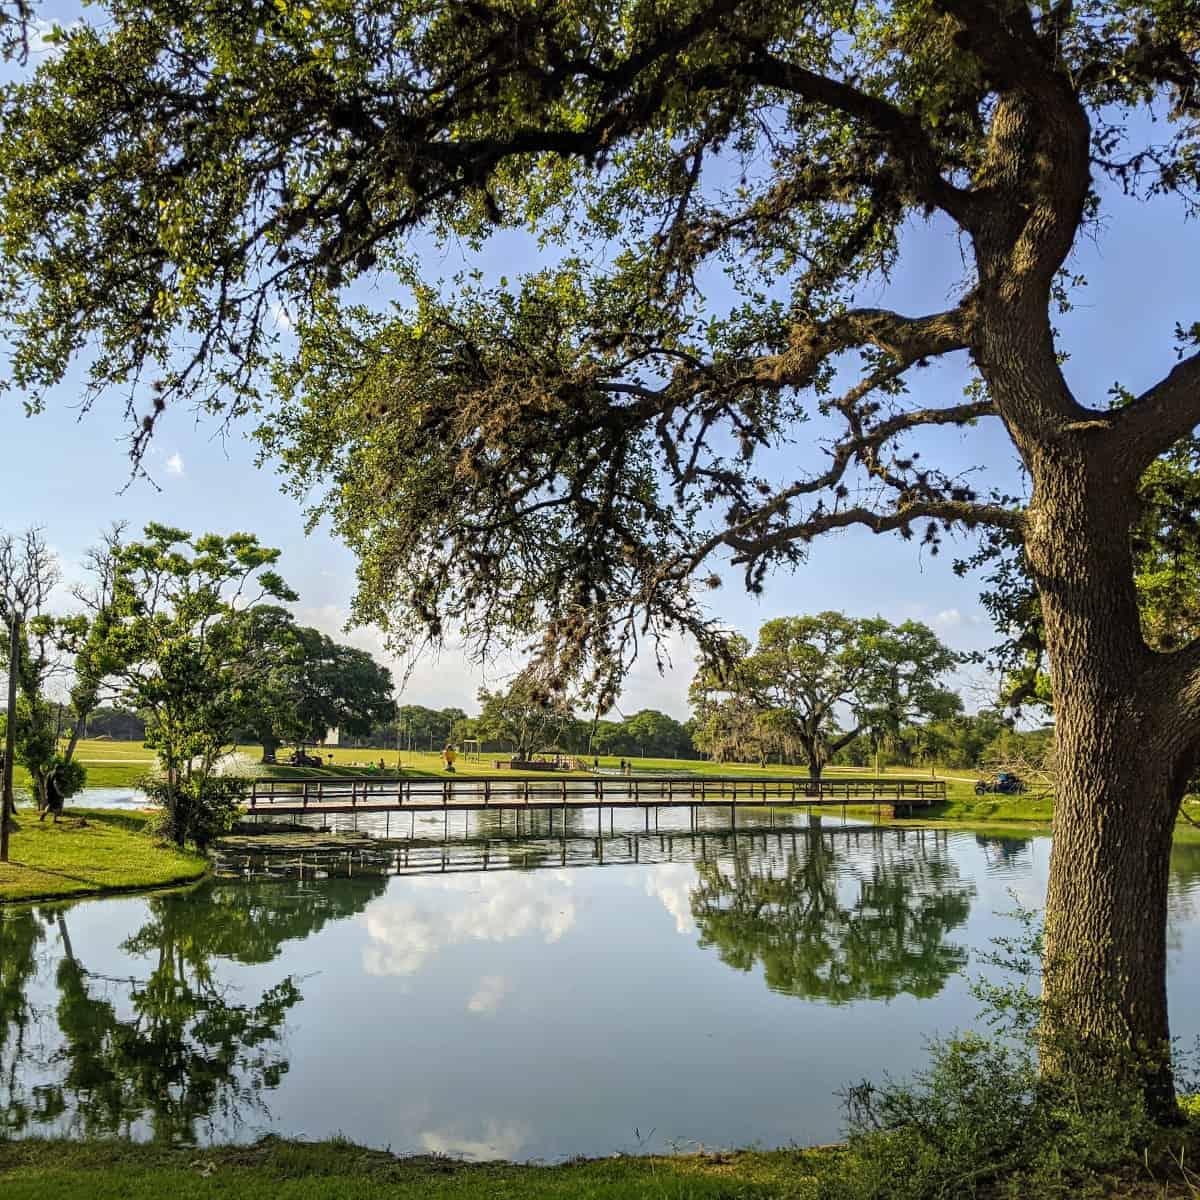 Splashway Campground Pond